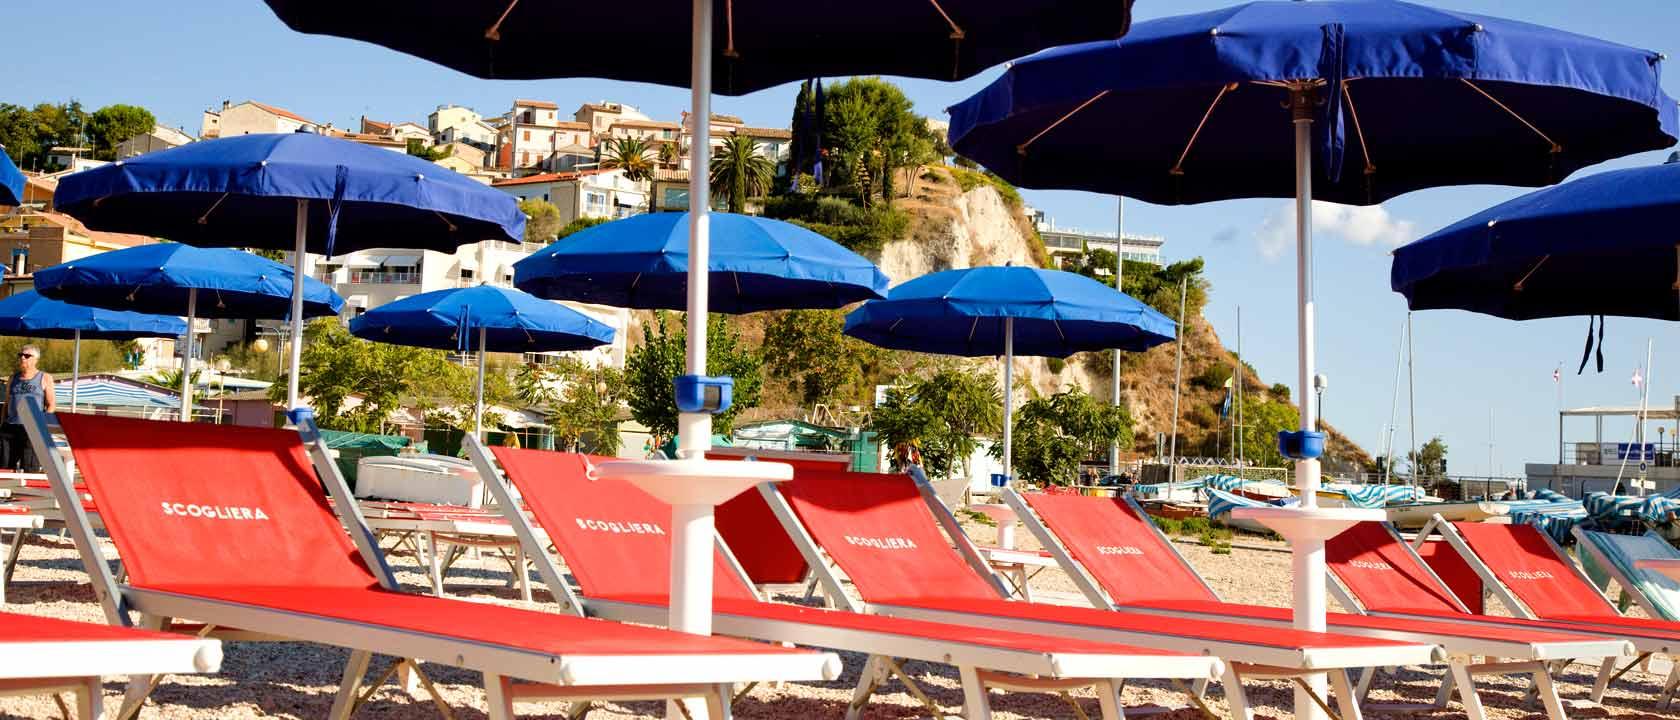 Hotel a numana 3 stelle con spiaggia privata piscina e for 3 stelle arreda